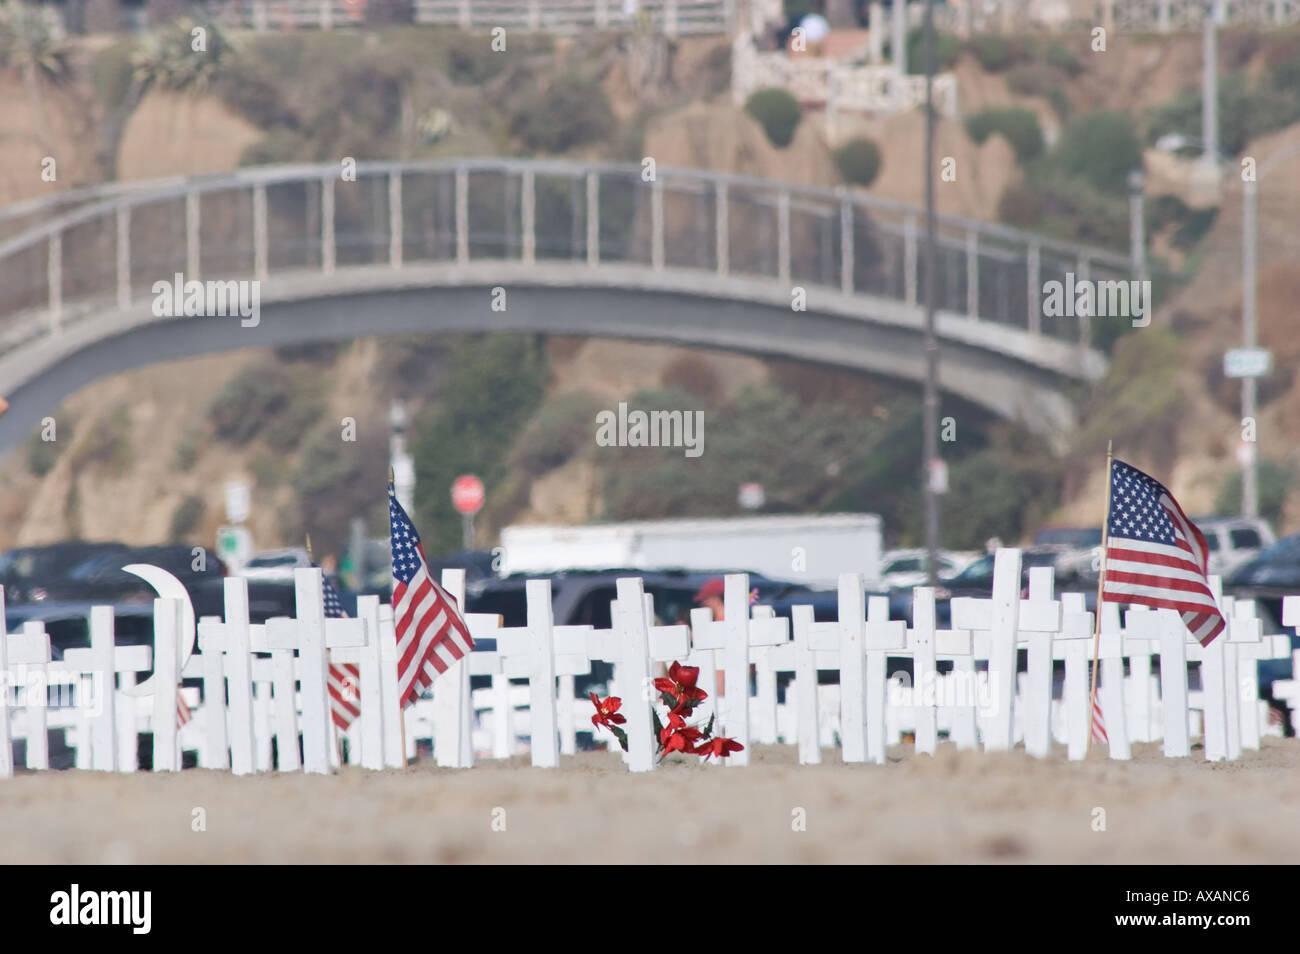 Veterans Day memorial - Stock Image